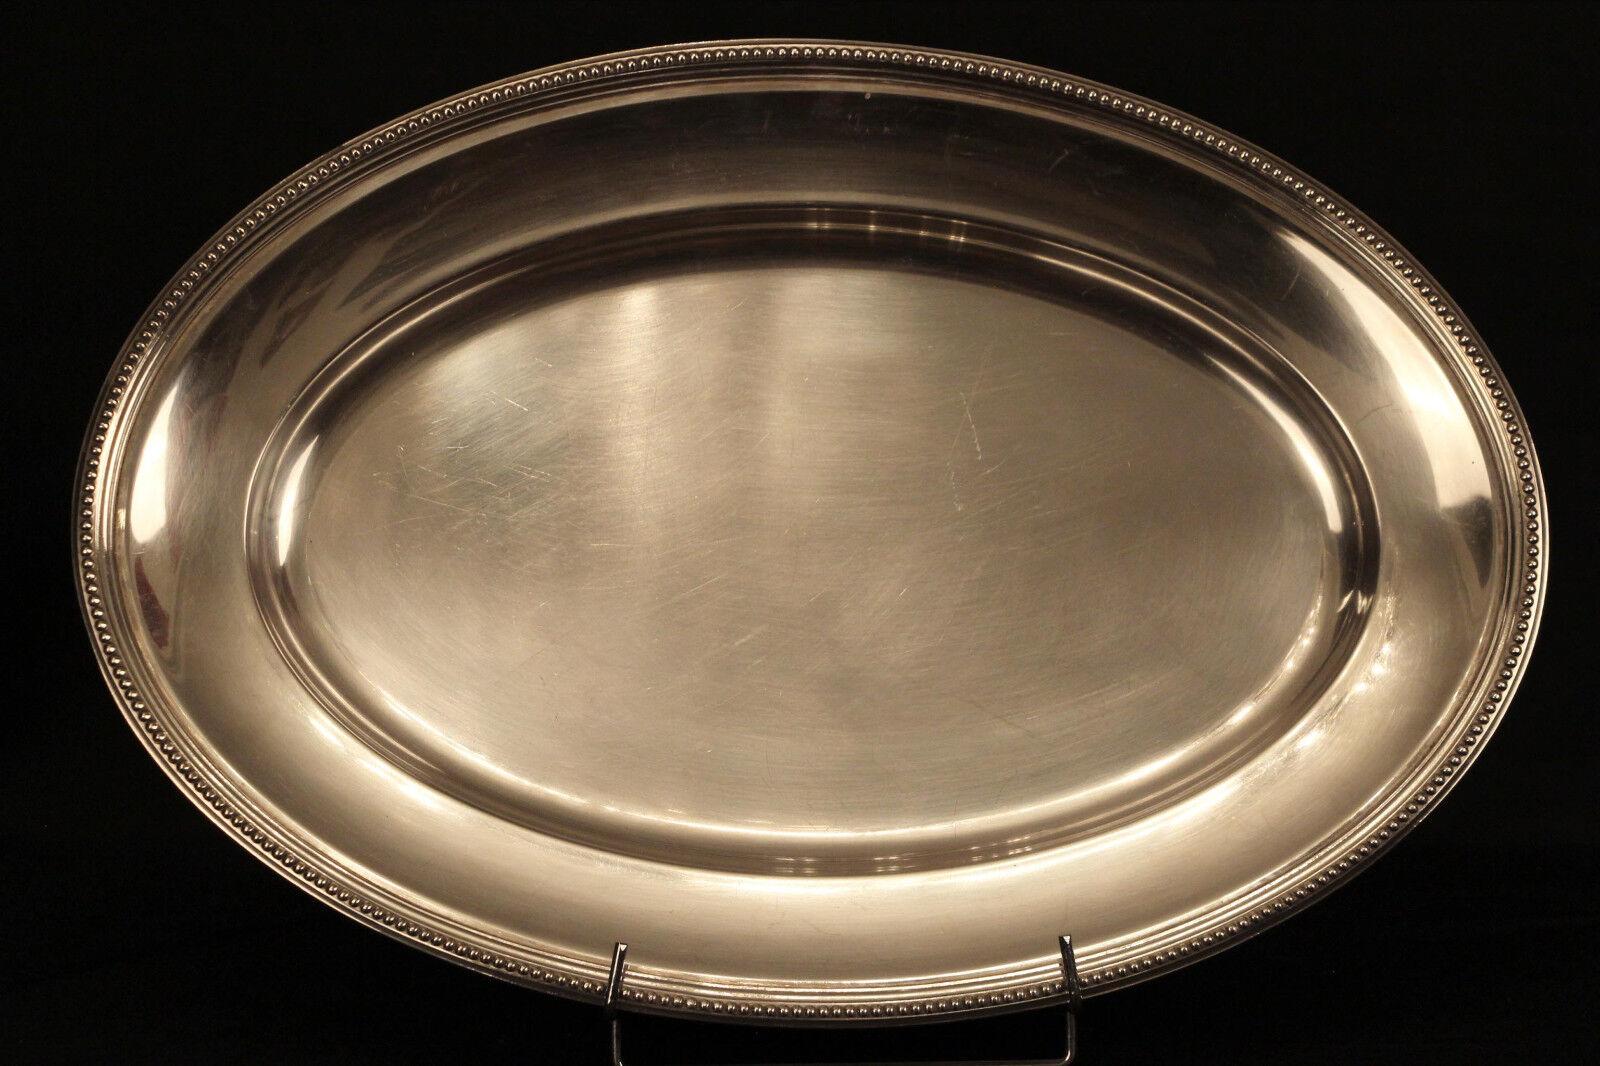 Plat de service signé Christofle, métal argenté   Service dish, Christofle